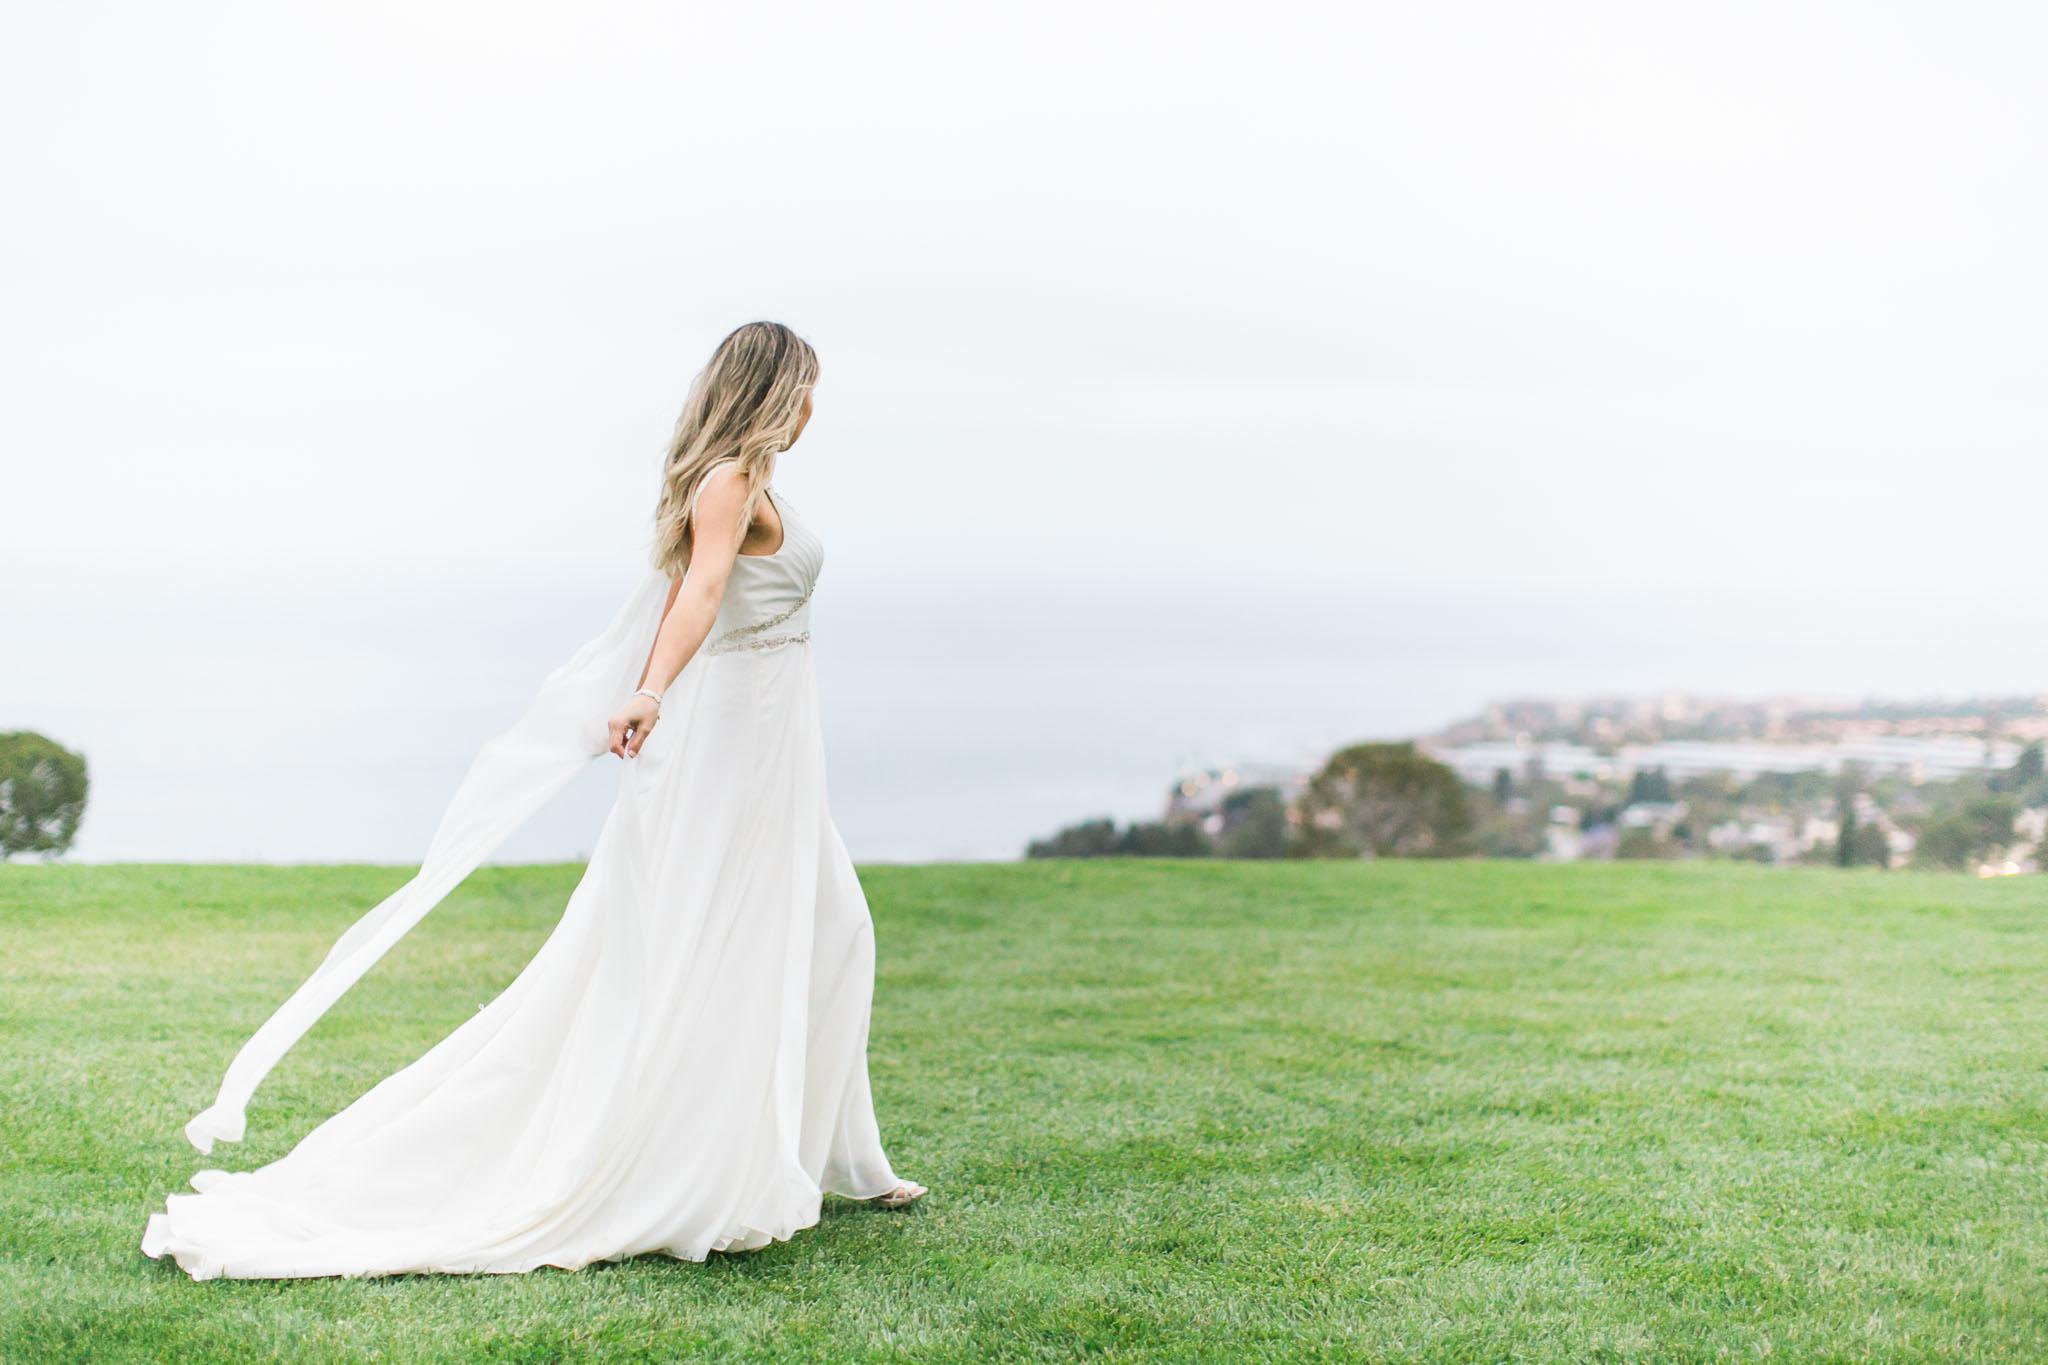 JD+Sherry Wedding - for social media-240.jpg